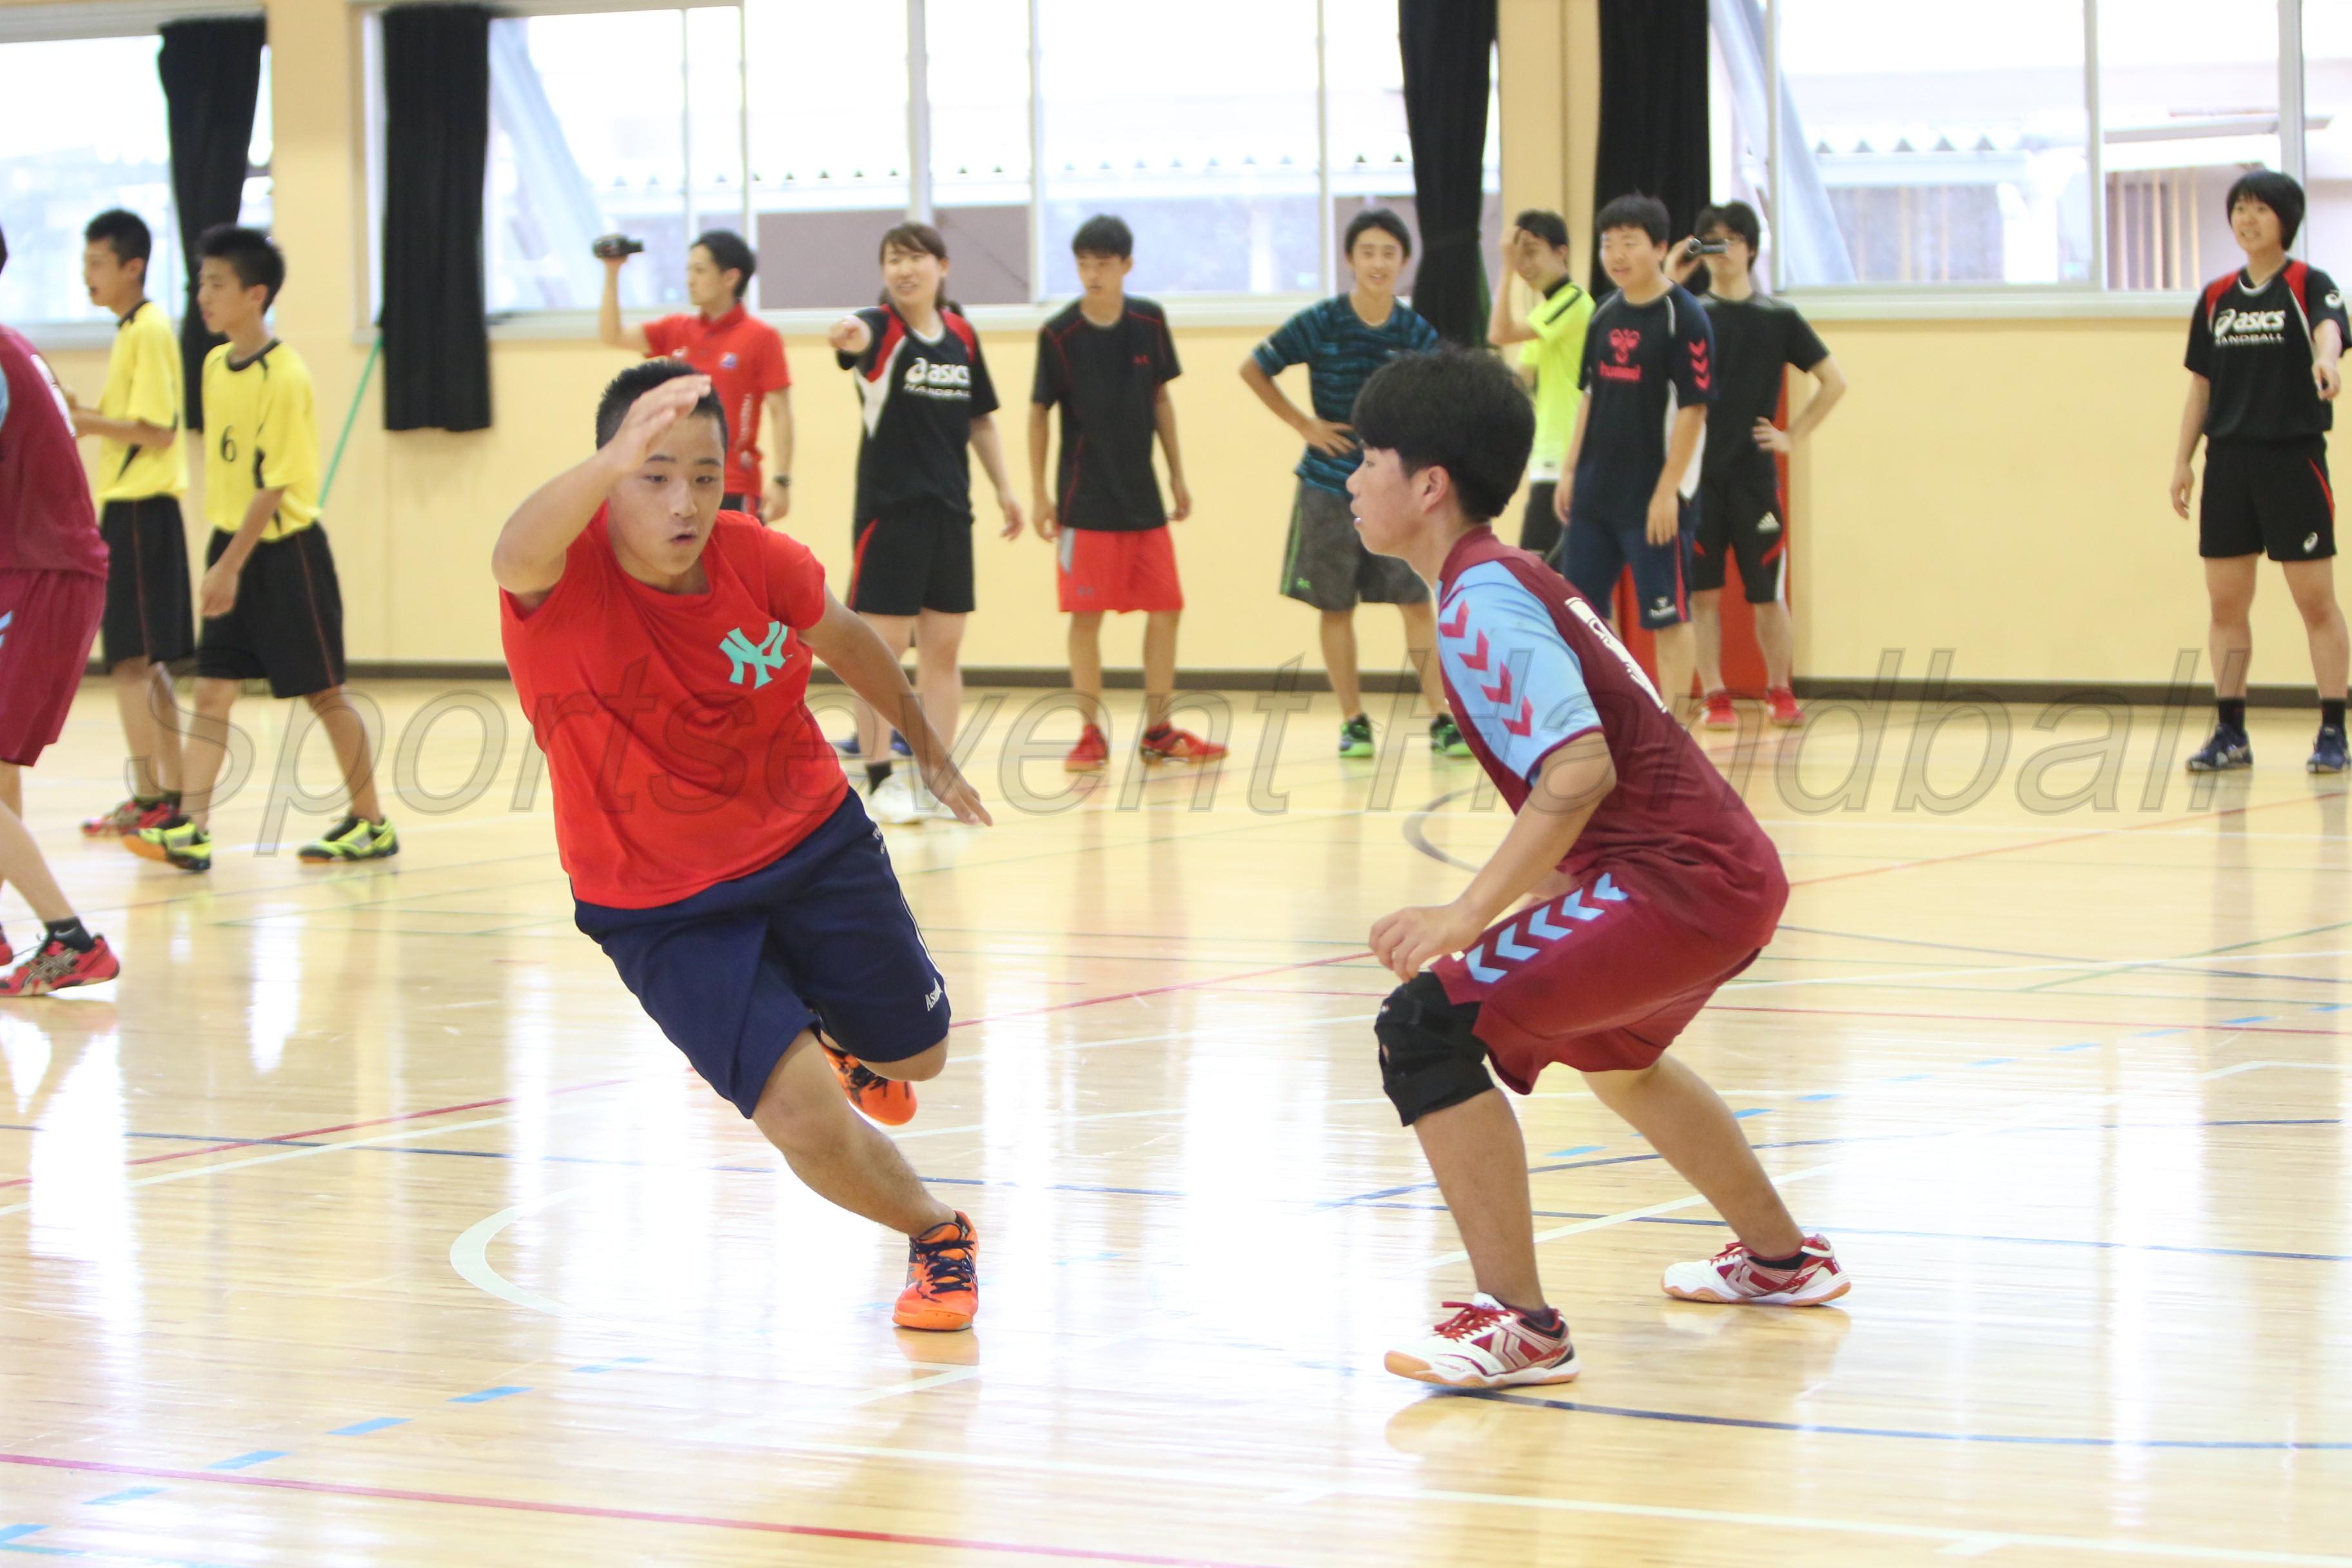 おりひめジャパンからのアドバイスをもとに練習にチャレンジ